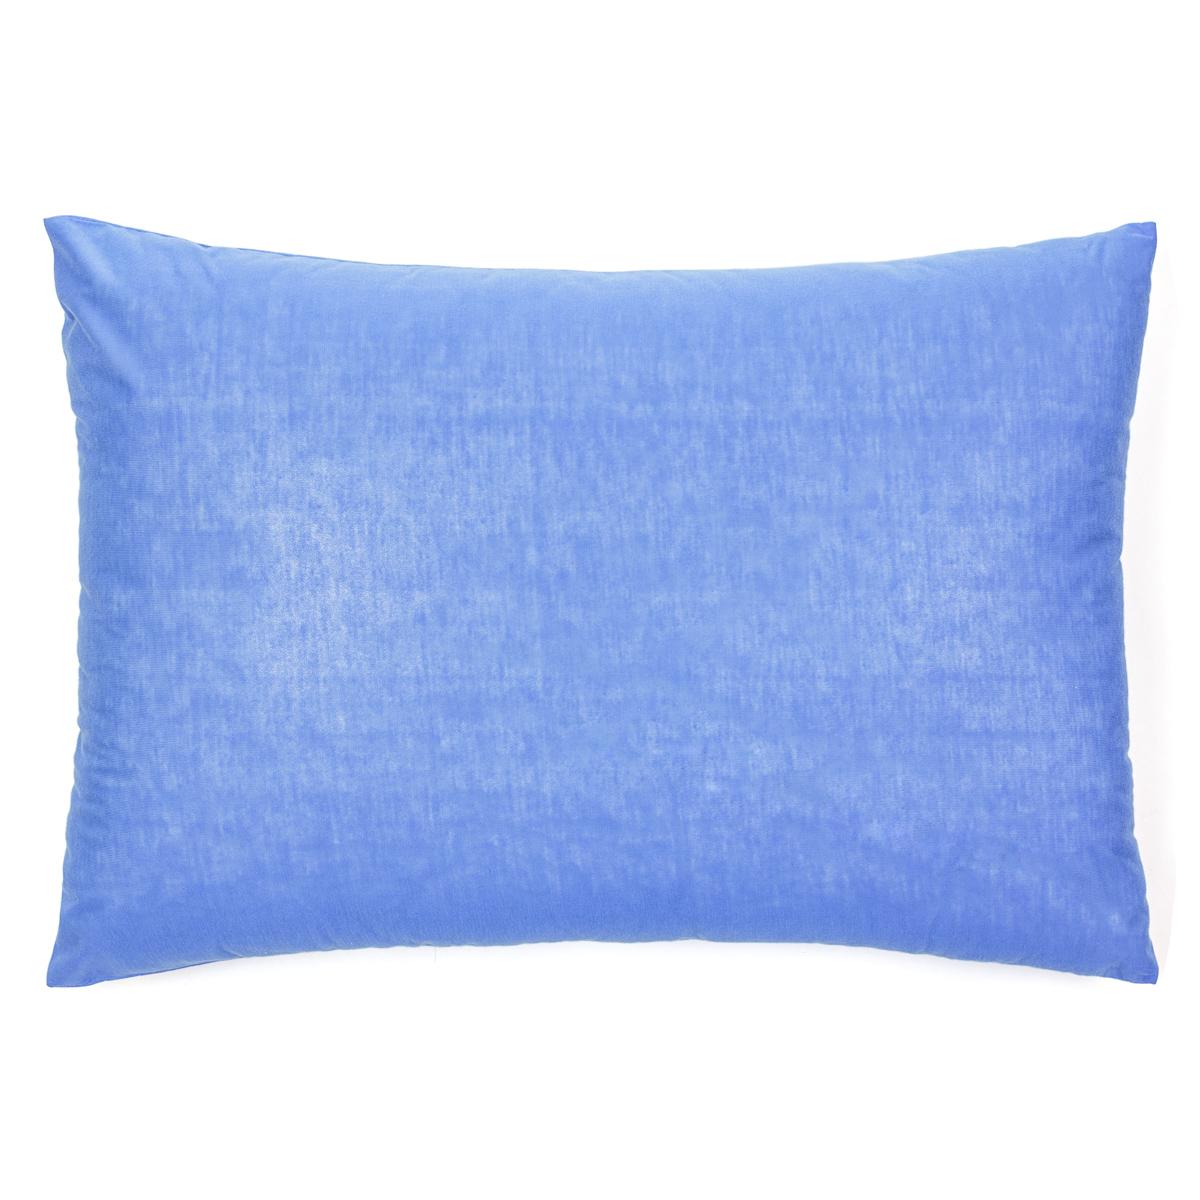 Наволочки Эко-сон Синий р. 48х68Для комфортного сна, отдыха и работы<br><br><br>Тип: Наволочки<br>Размер: 48х68<br>Материал: Тенсел